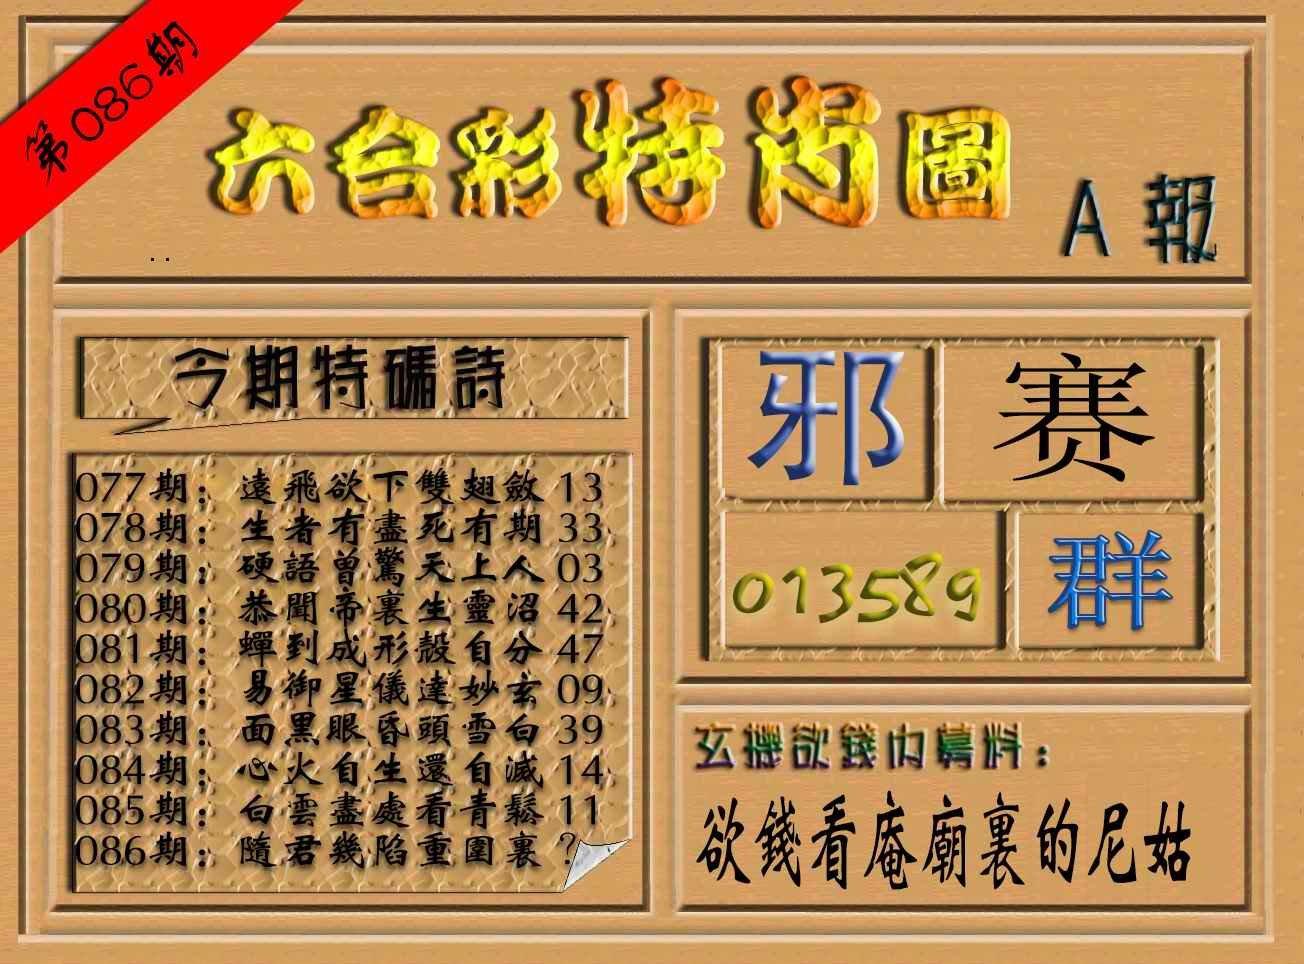 086期六合彩特肖图(A报)